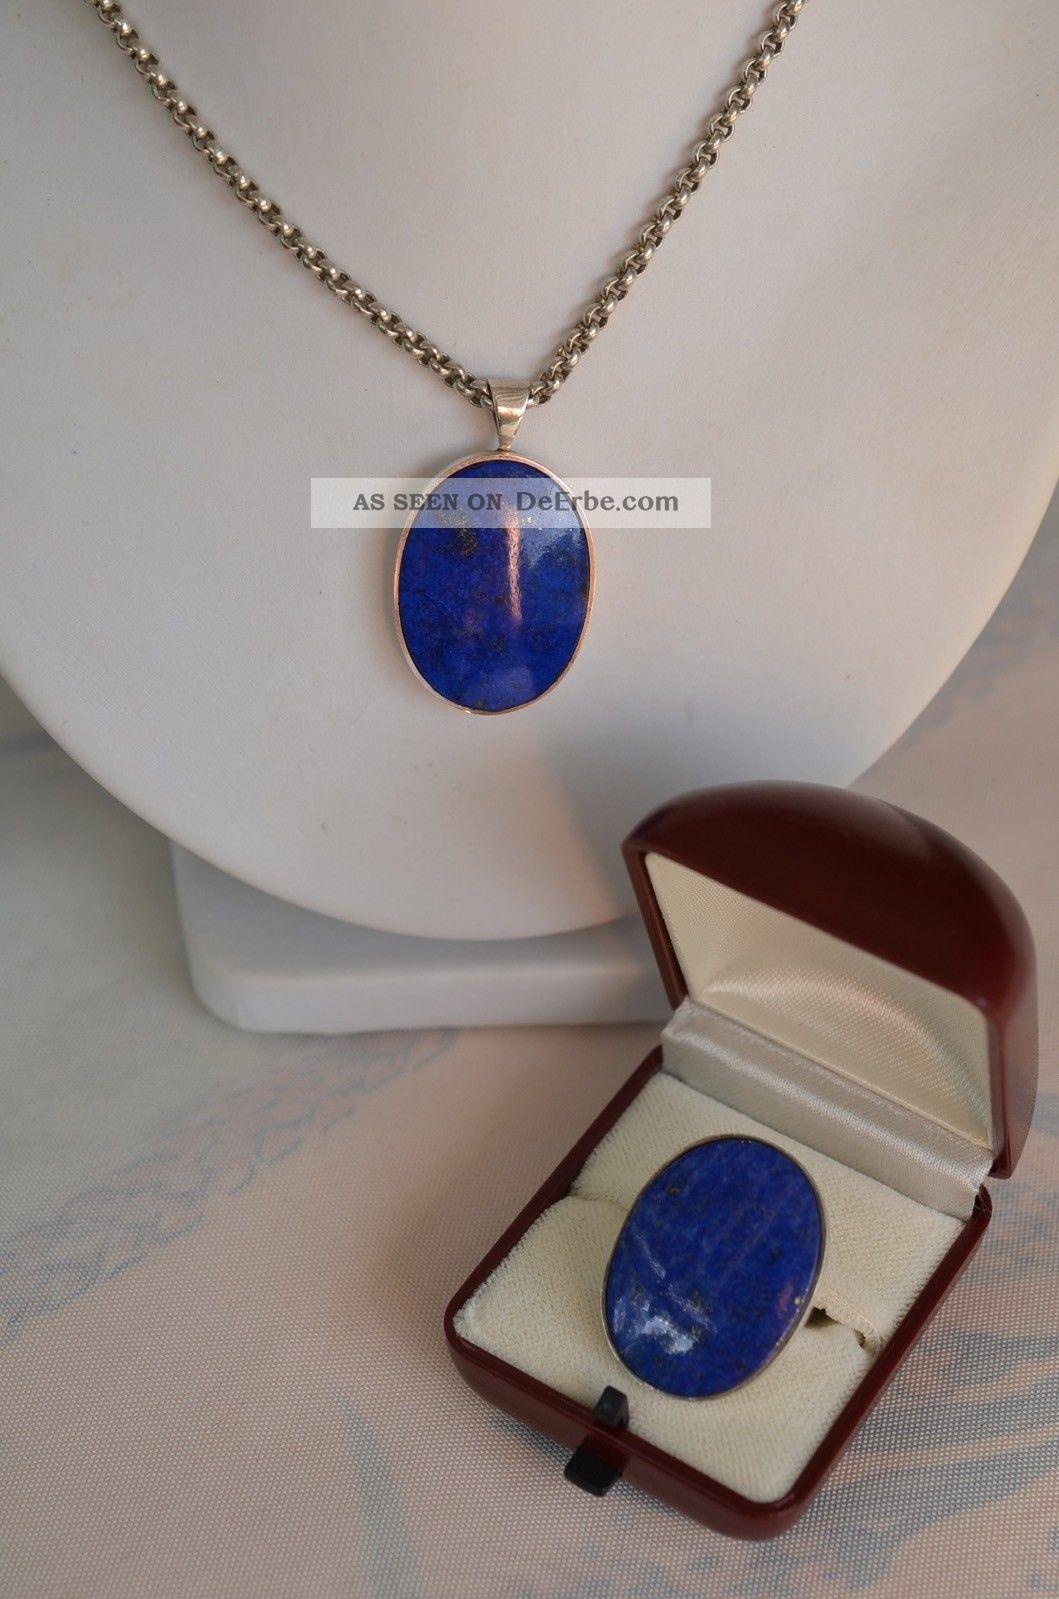 Schönes Schmuckset Lapislazuli Silber 925 Kette Mit Anhänger Und Ring Schmuck & Accessoires Bild